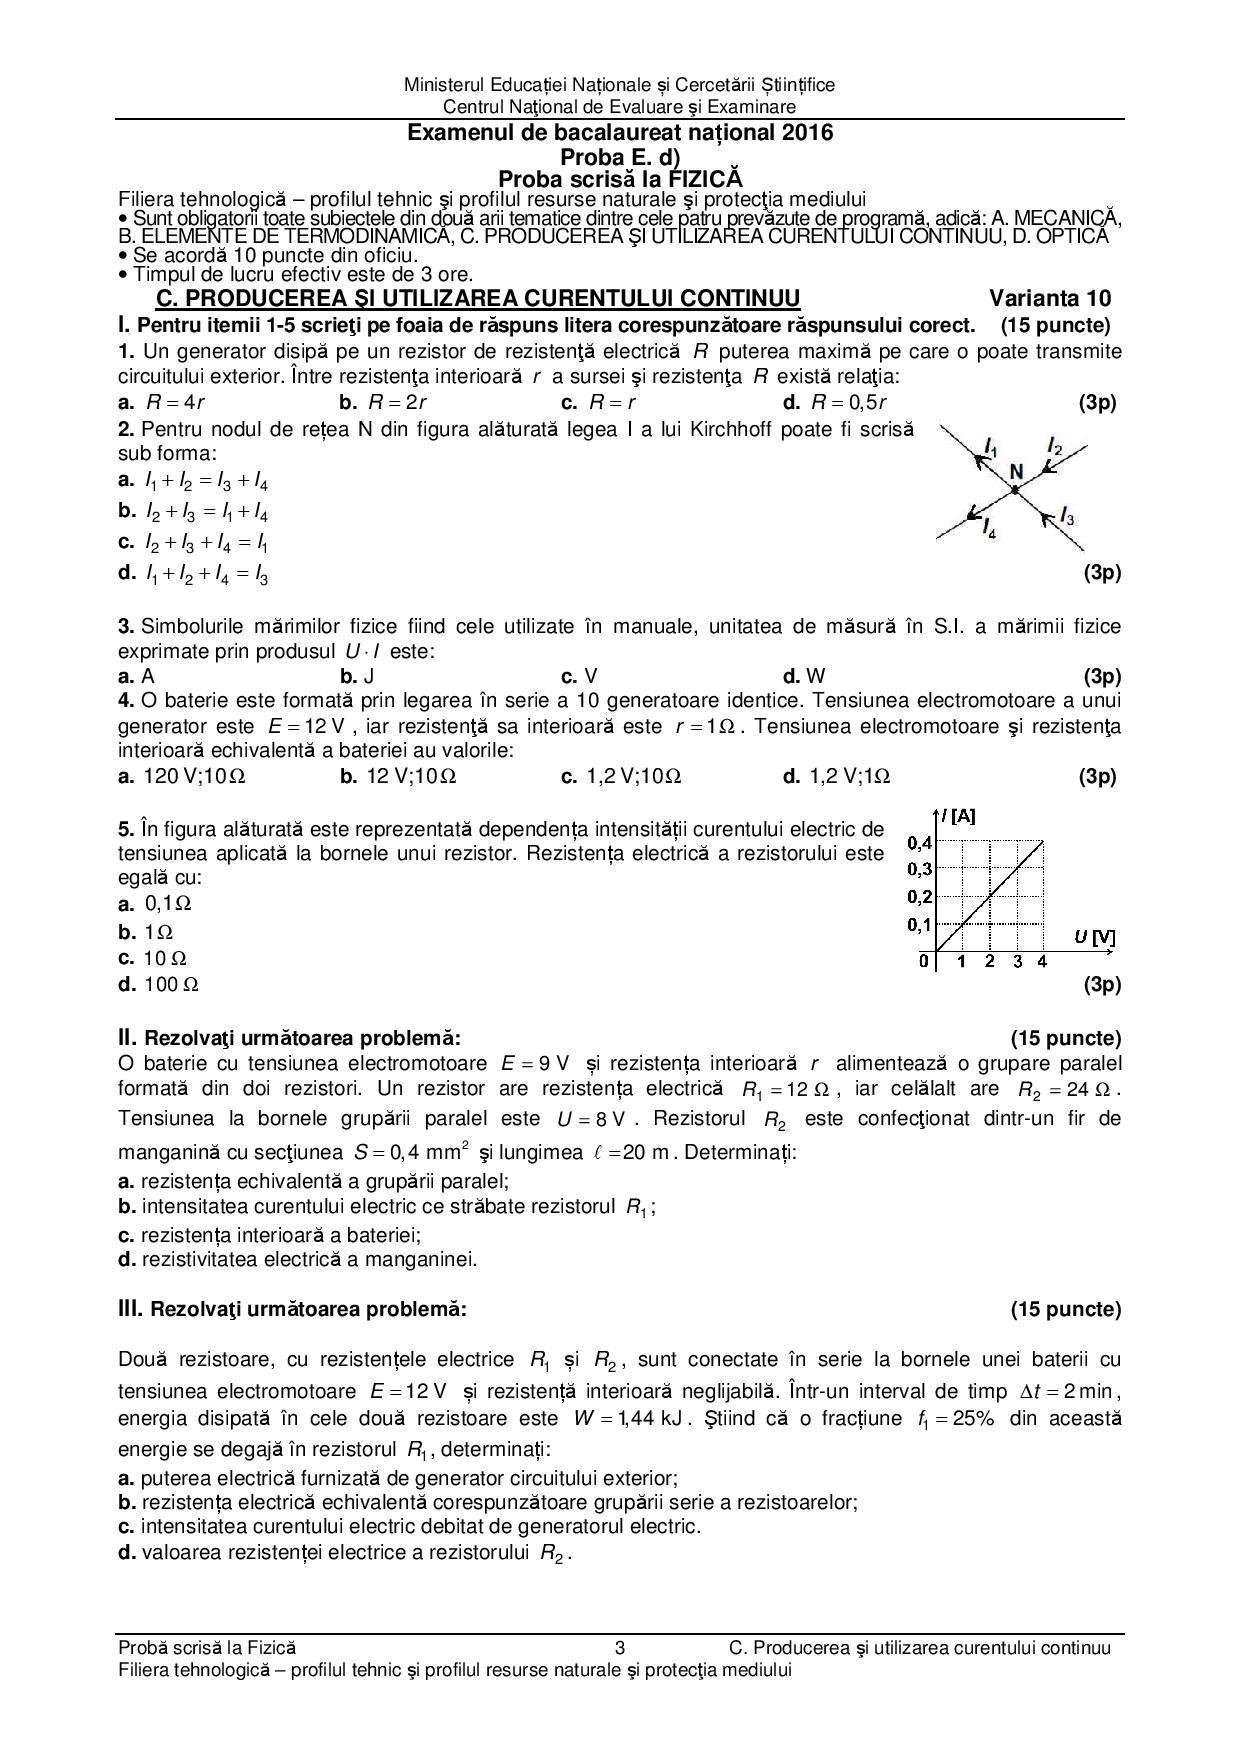 E_d_fizica_tehnologic_2016_var_10_LRO-page-003